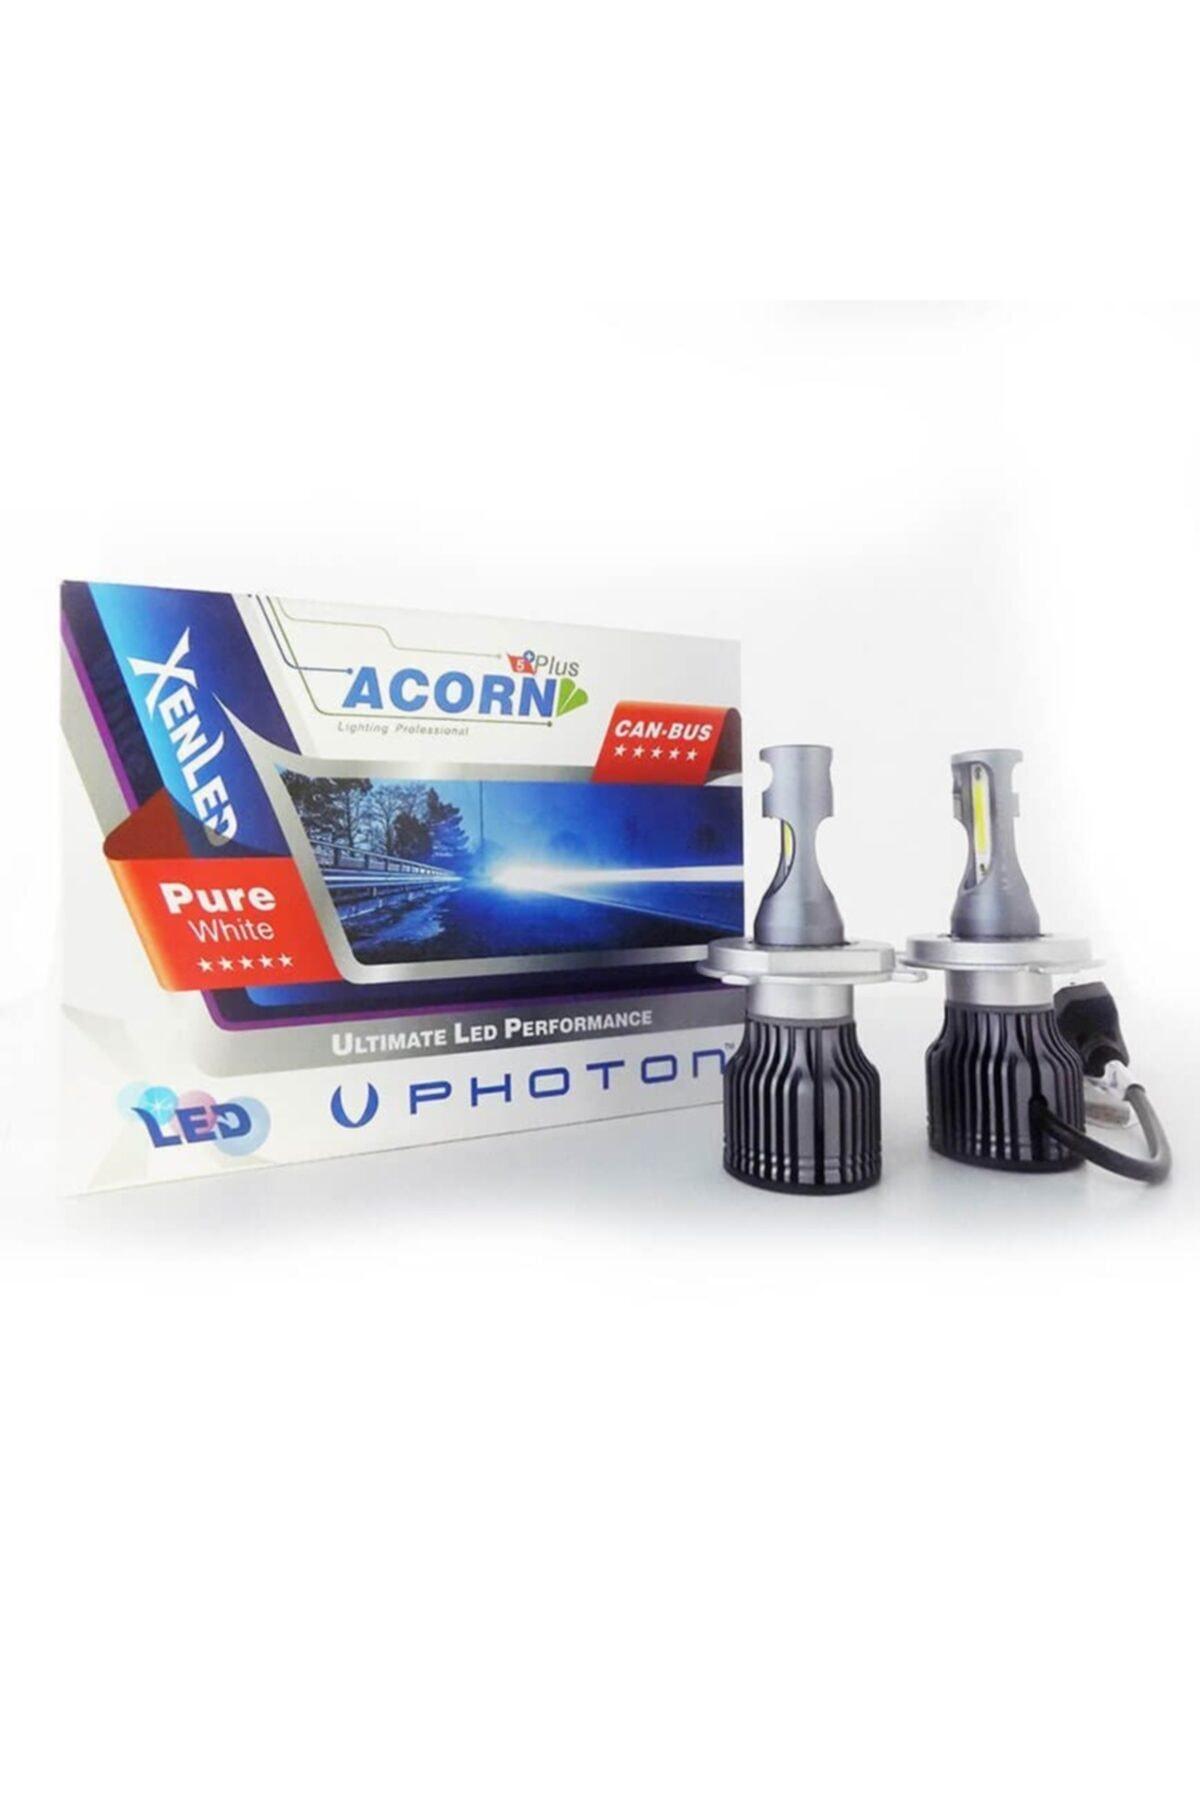 Photon H4 Mini Acorn 5+pluıs Led Xenon Şimşek Etkili Beyaz Zenon Far Ampulu 1